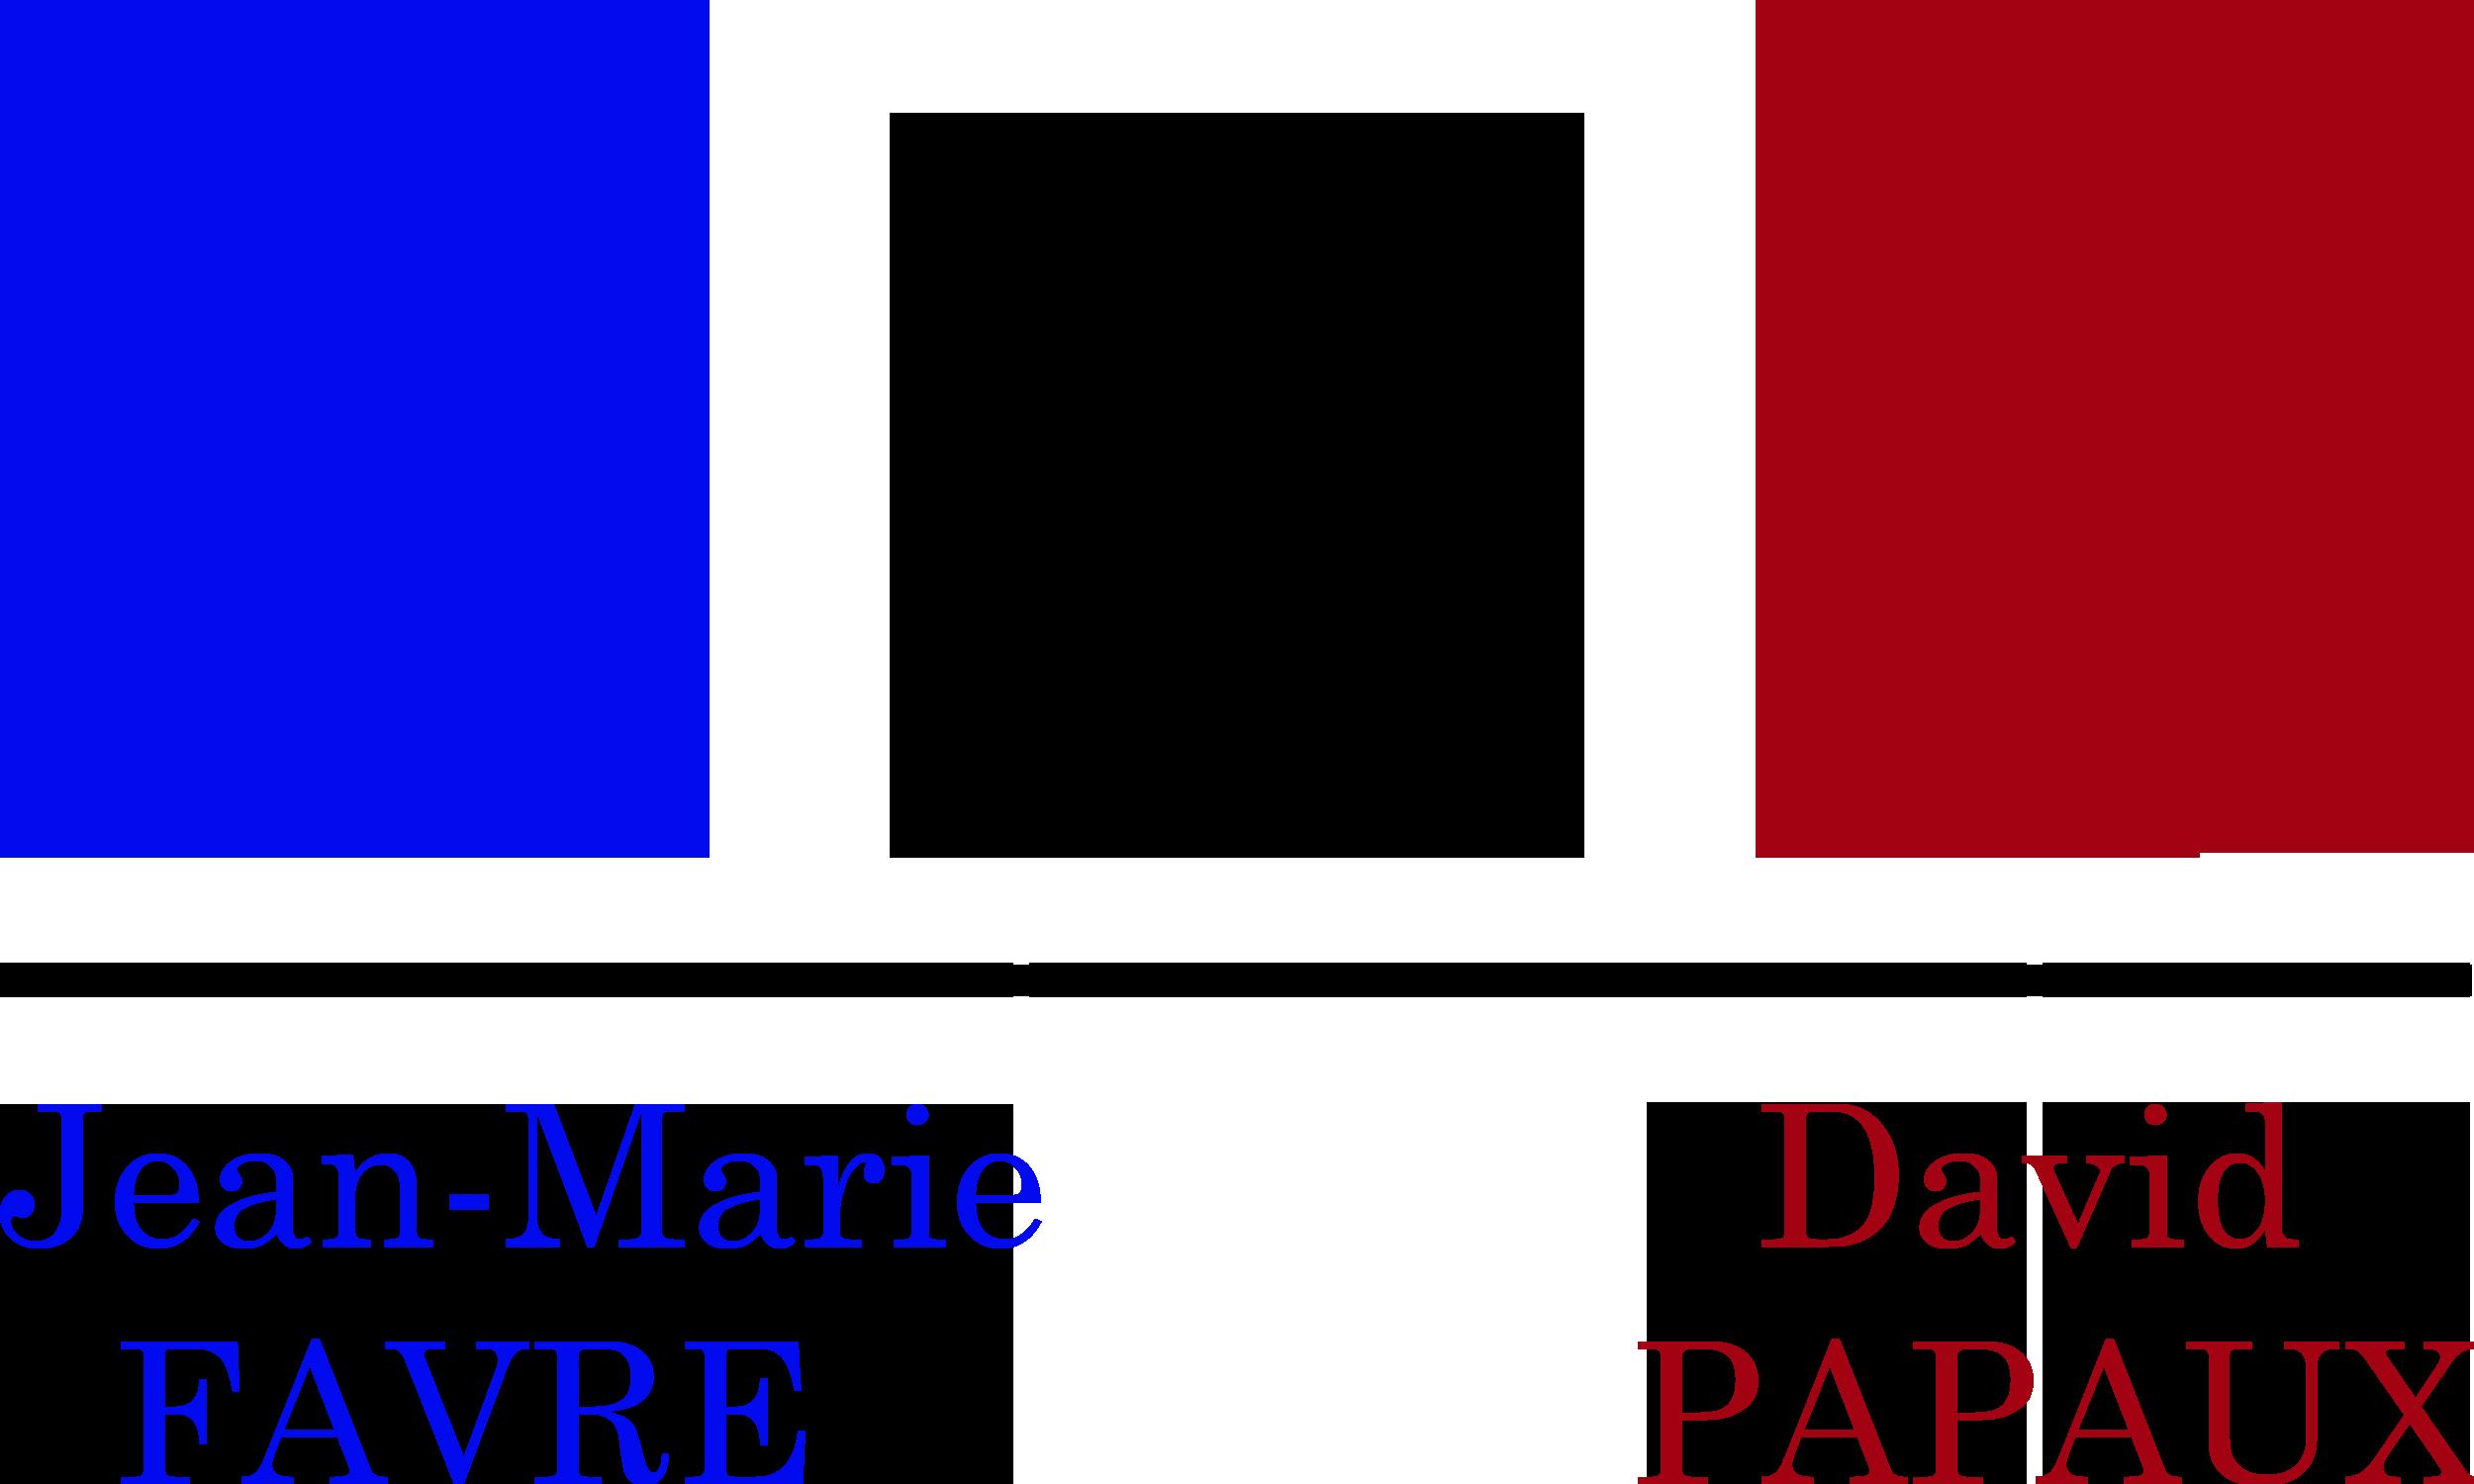 Etude Favre & Papaux